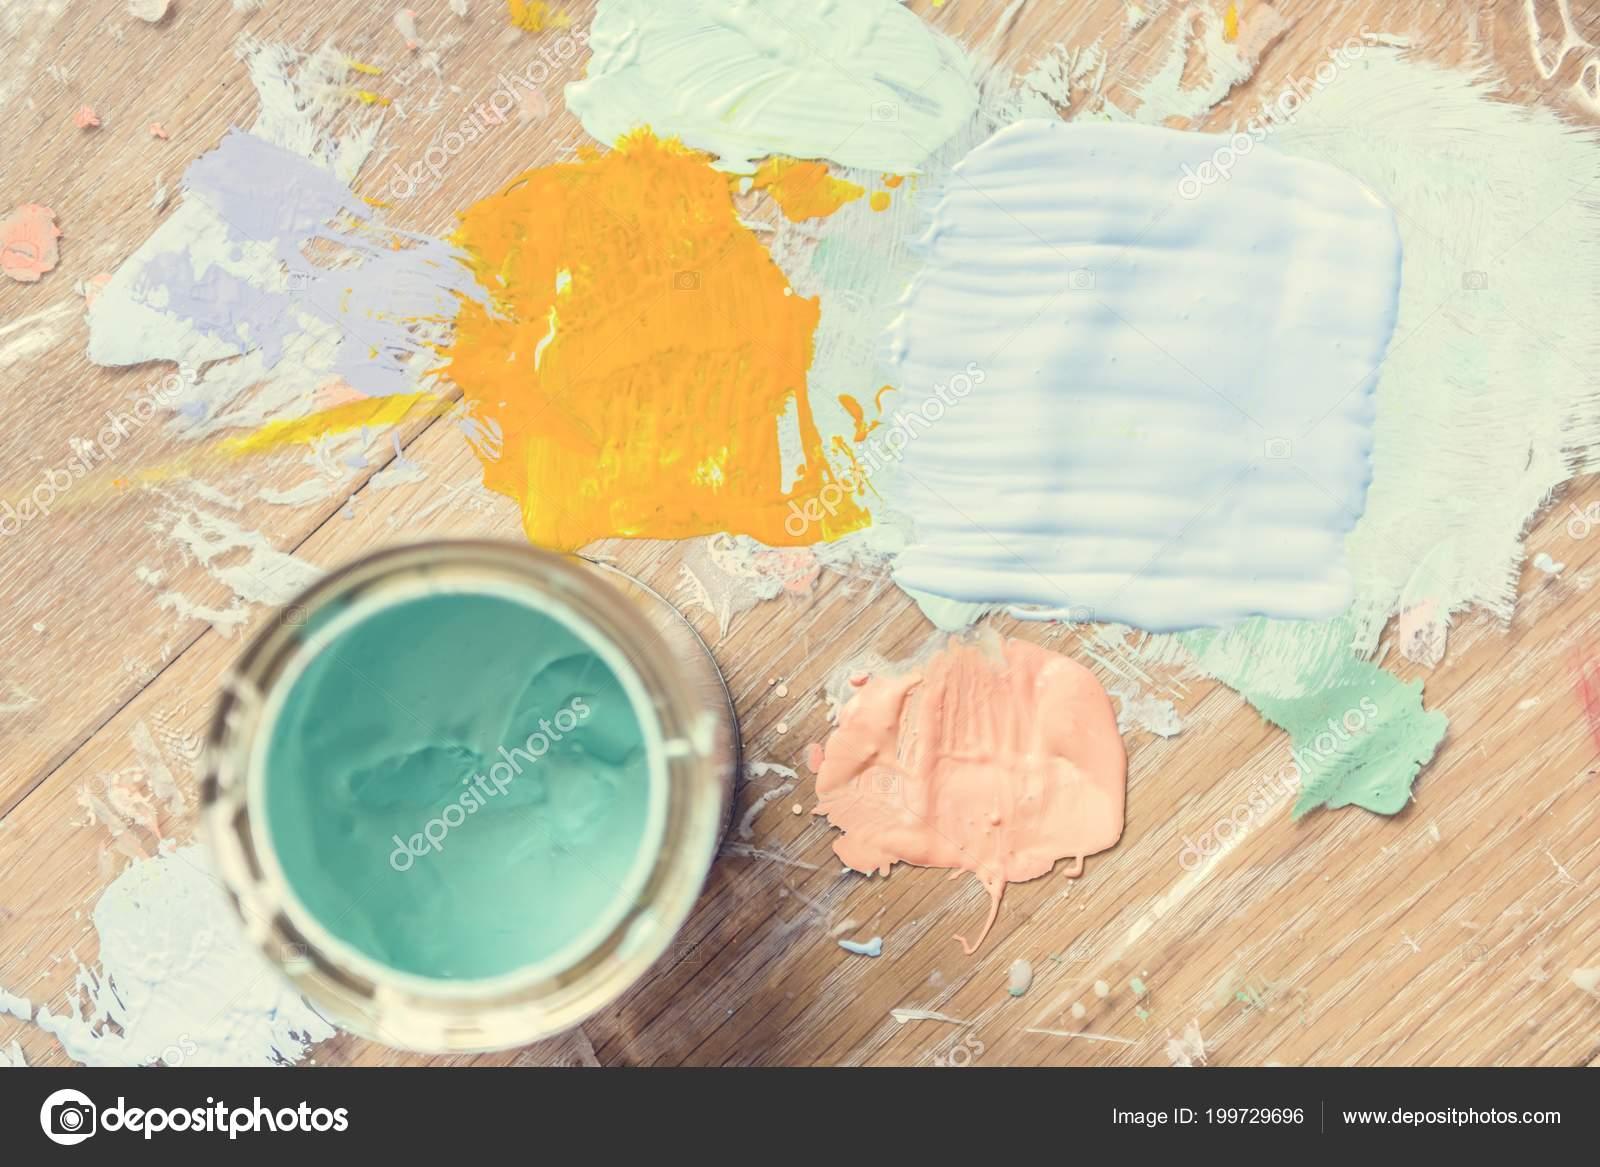 Farbkonzept Haus farbe farbkonzept haus renovierung — stockfoto © rawpixel #199729696